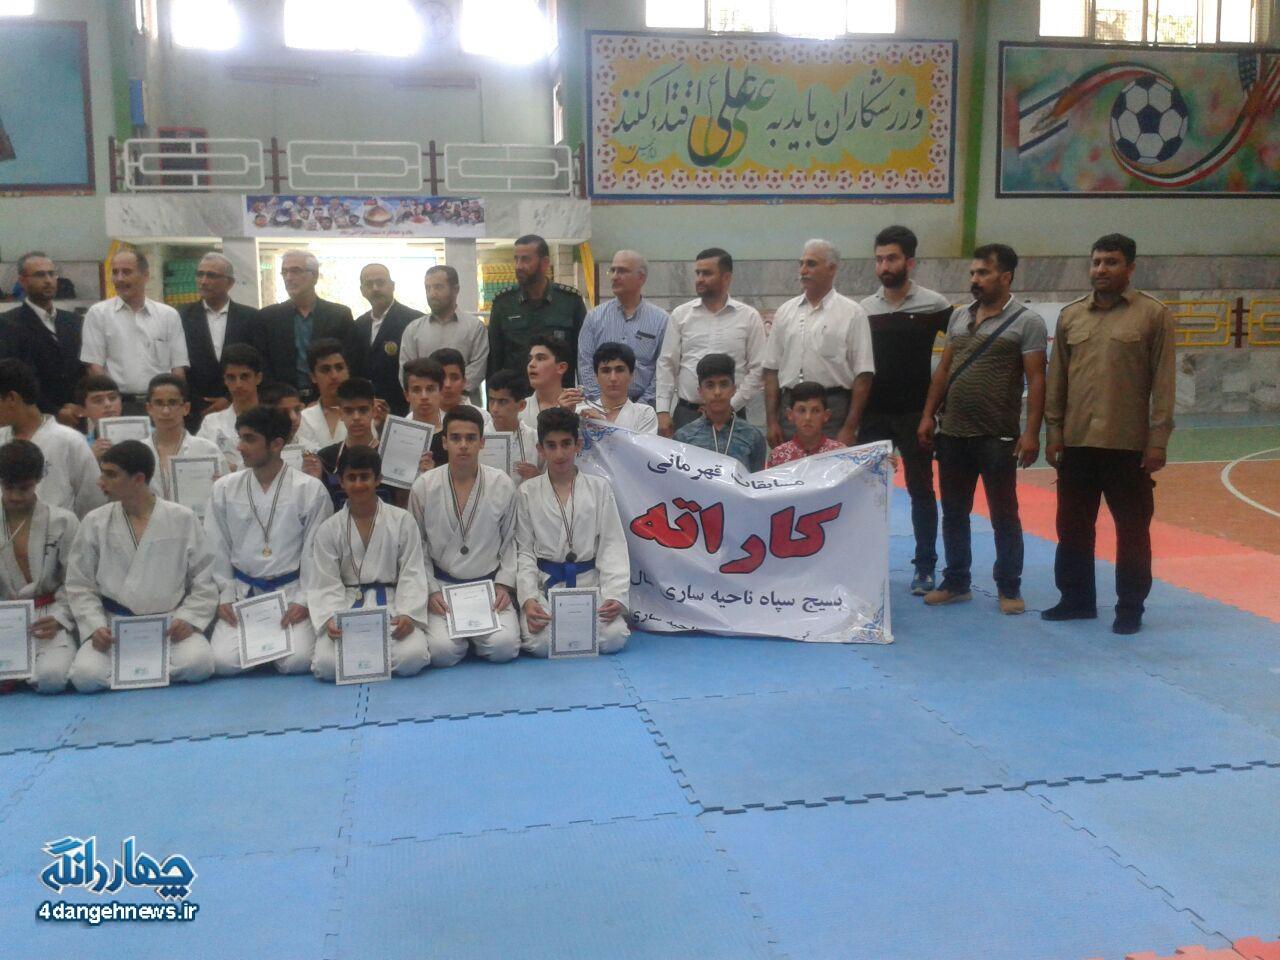 مسابقات کاراته بسیج شهرستان ساری در رده نوجوانان برگزار شد